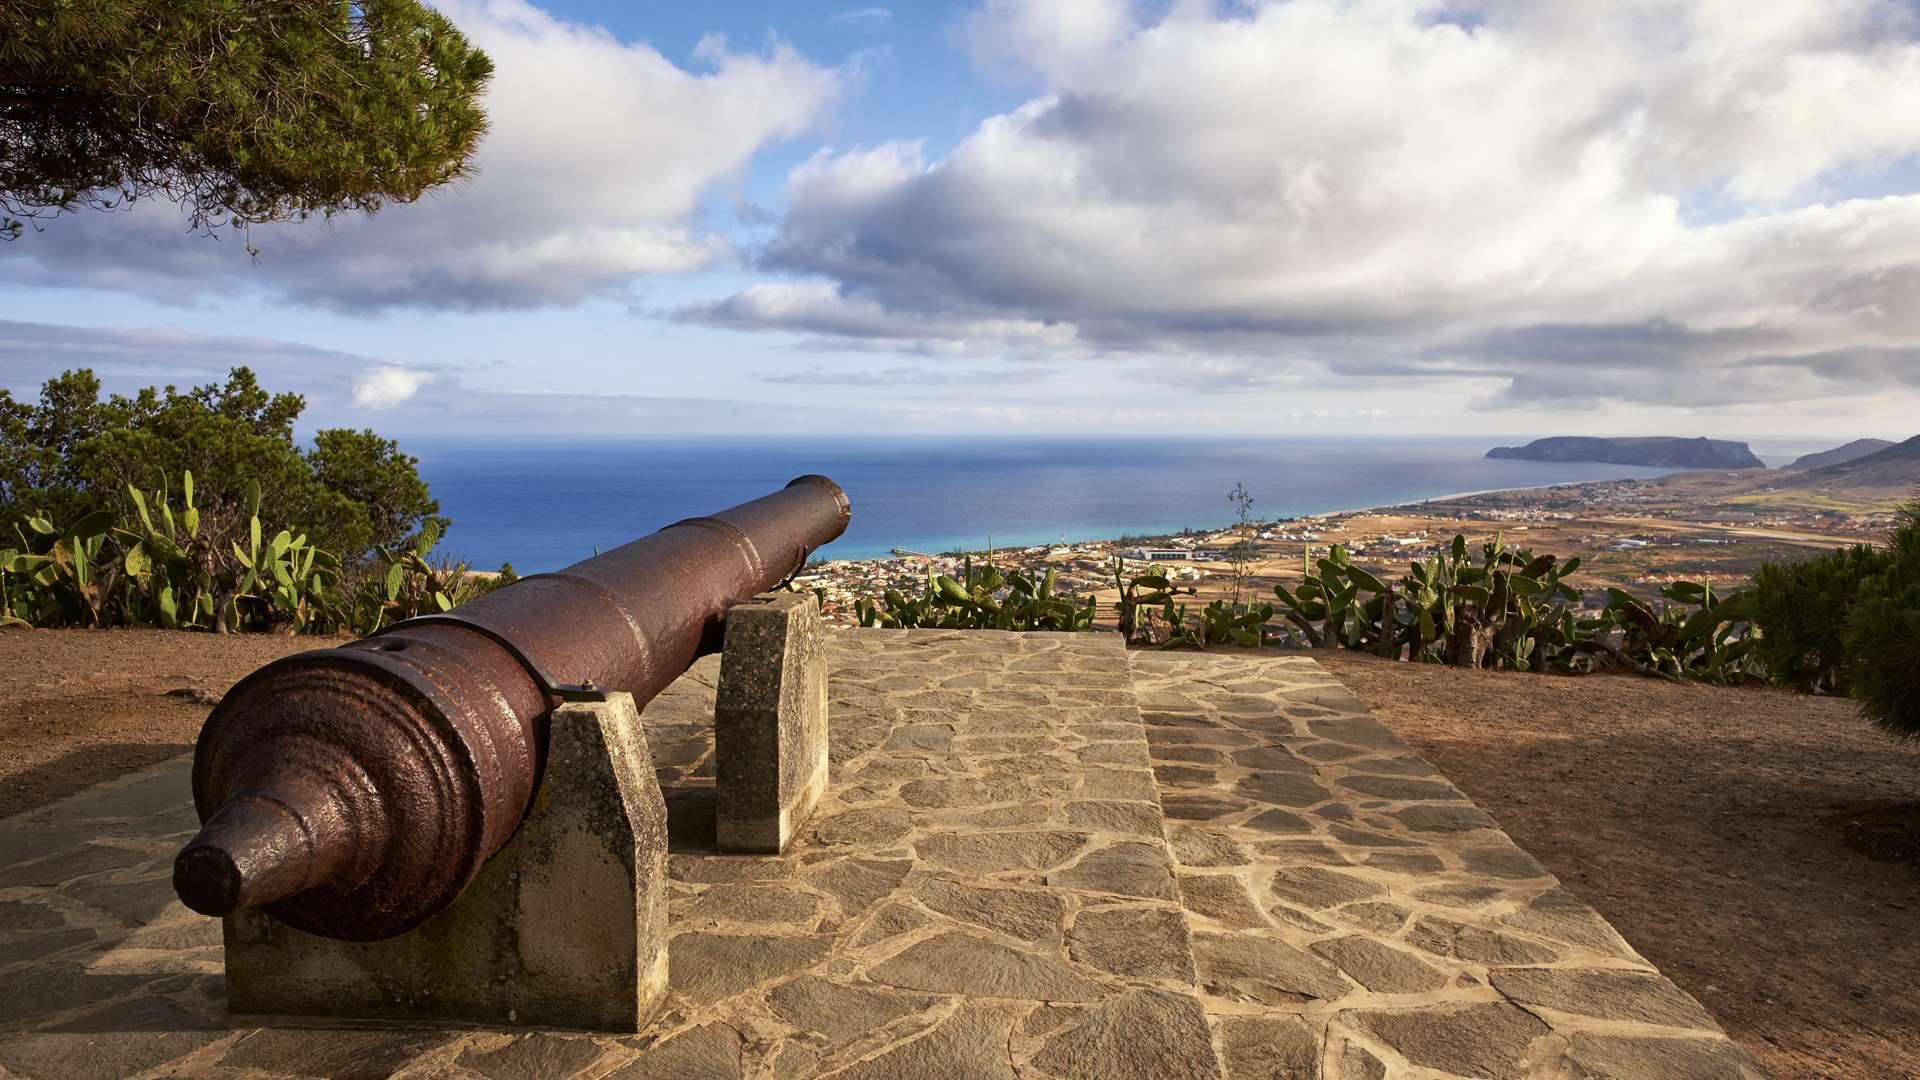 Île de Porto Santo, Forteresse de Pico do Castelo érigée au 16ème siècle, située à 437 mètres